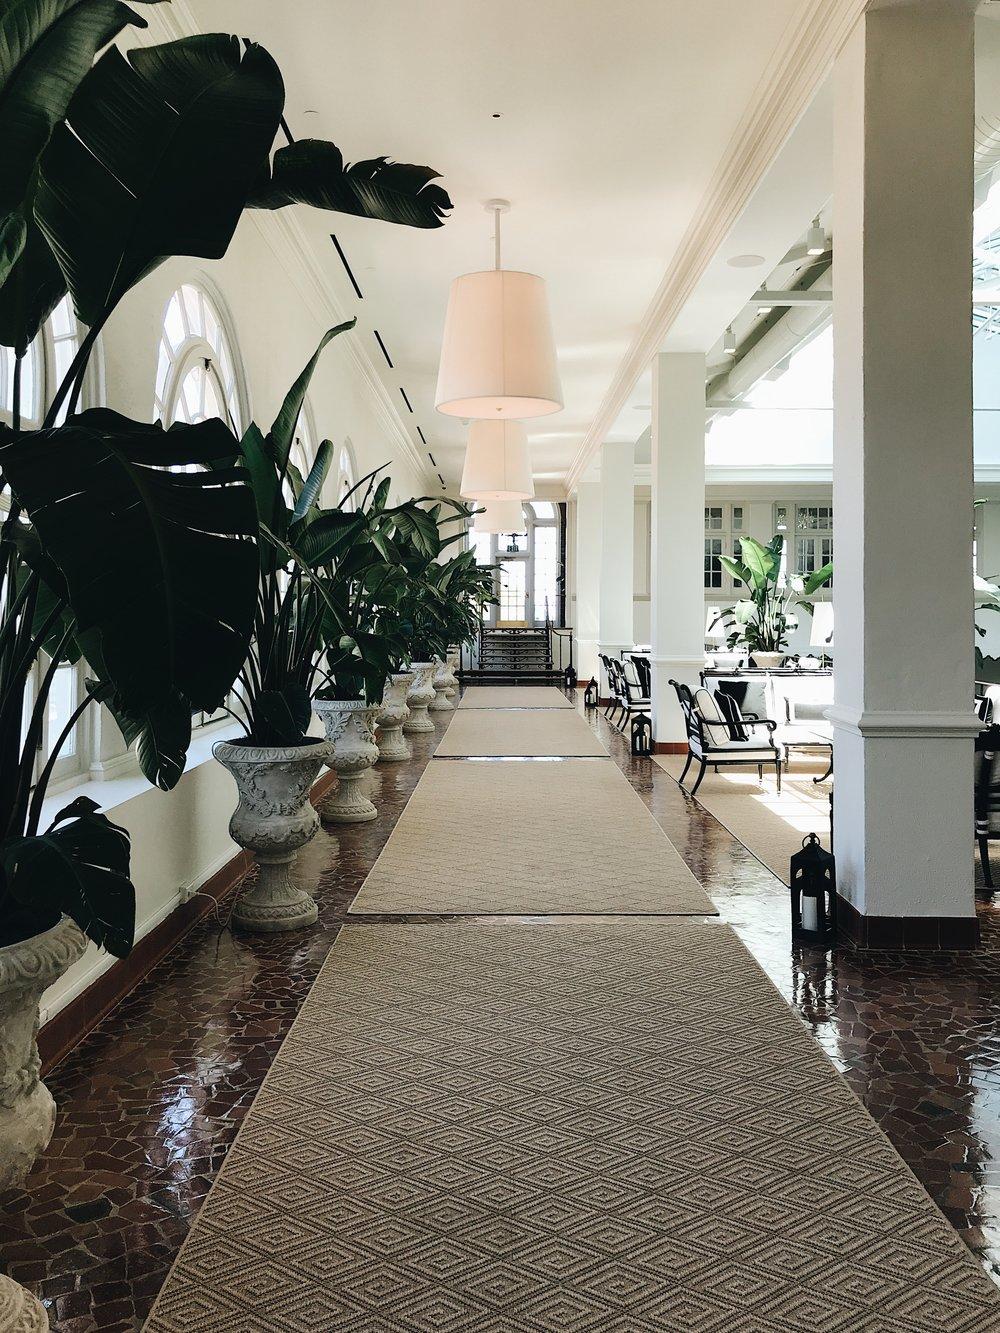 CAVALIER-HOTEL-6.JPG